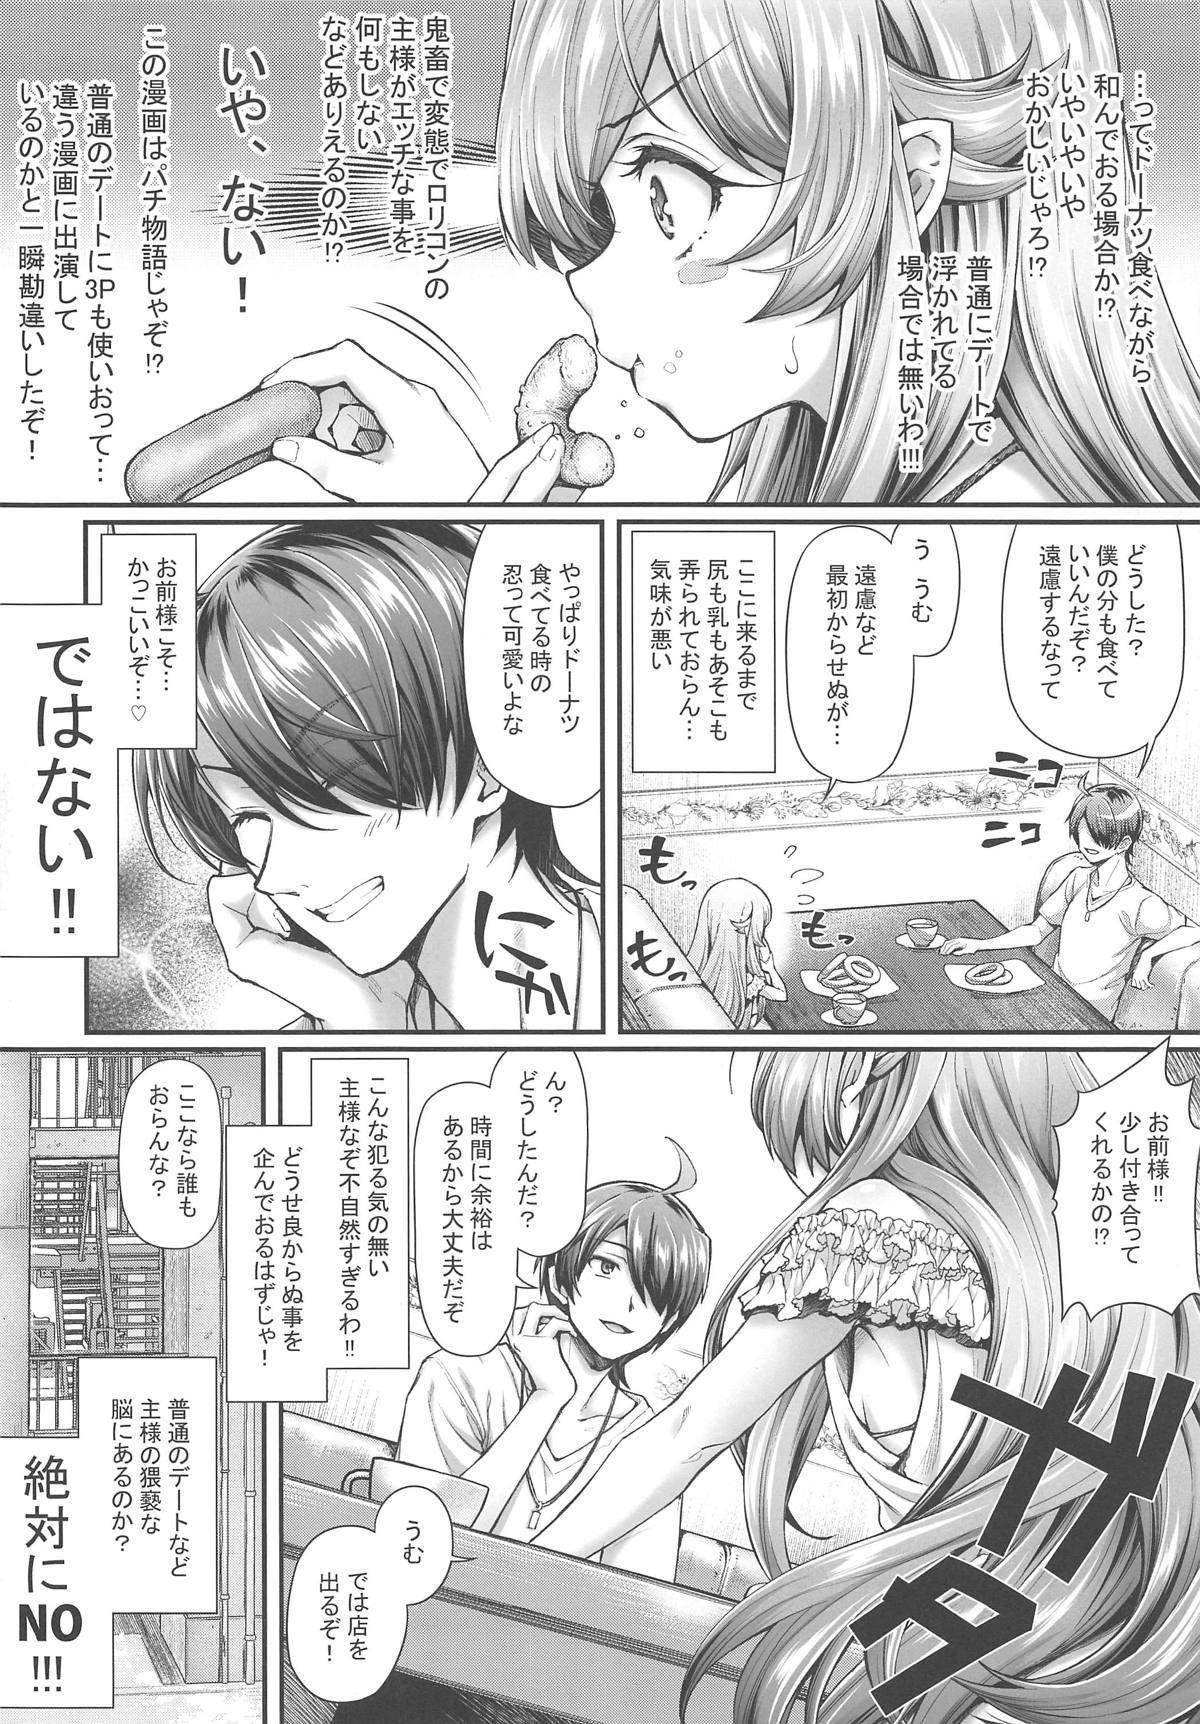 Pachimonogatari Part 18: Shinobu Date 4